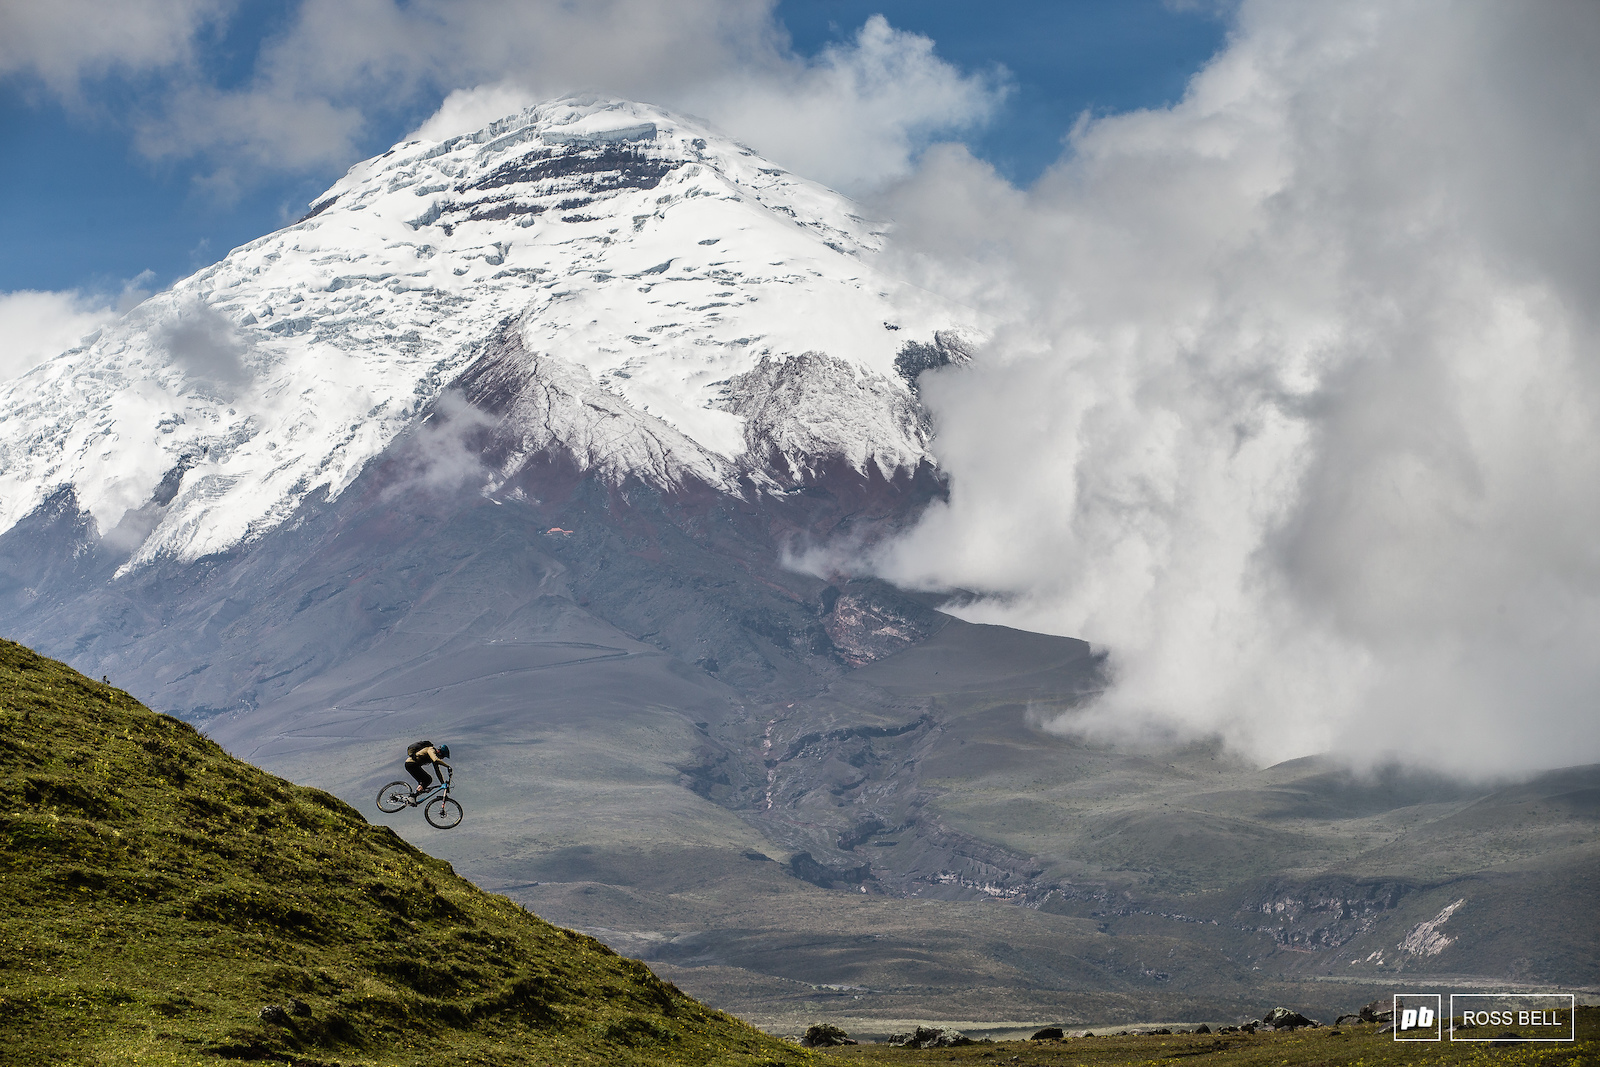 Thomas Vanderham dwarfed by Cotopaxi in Ecuador.